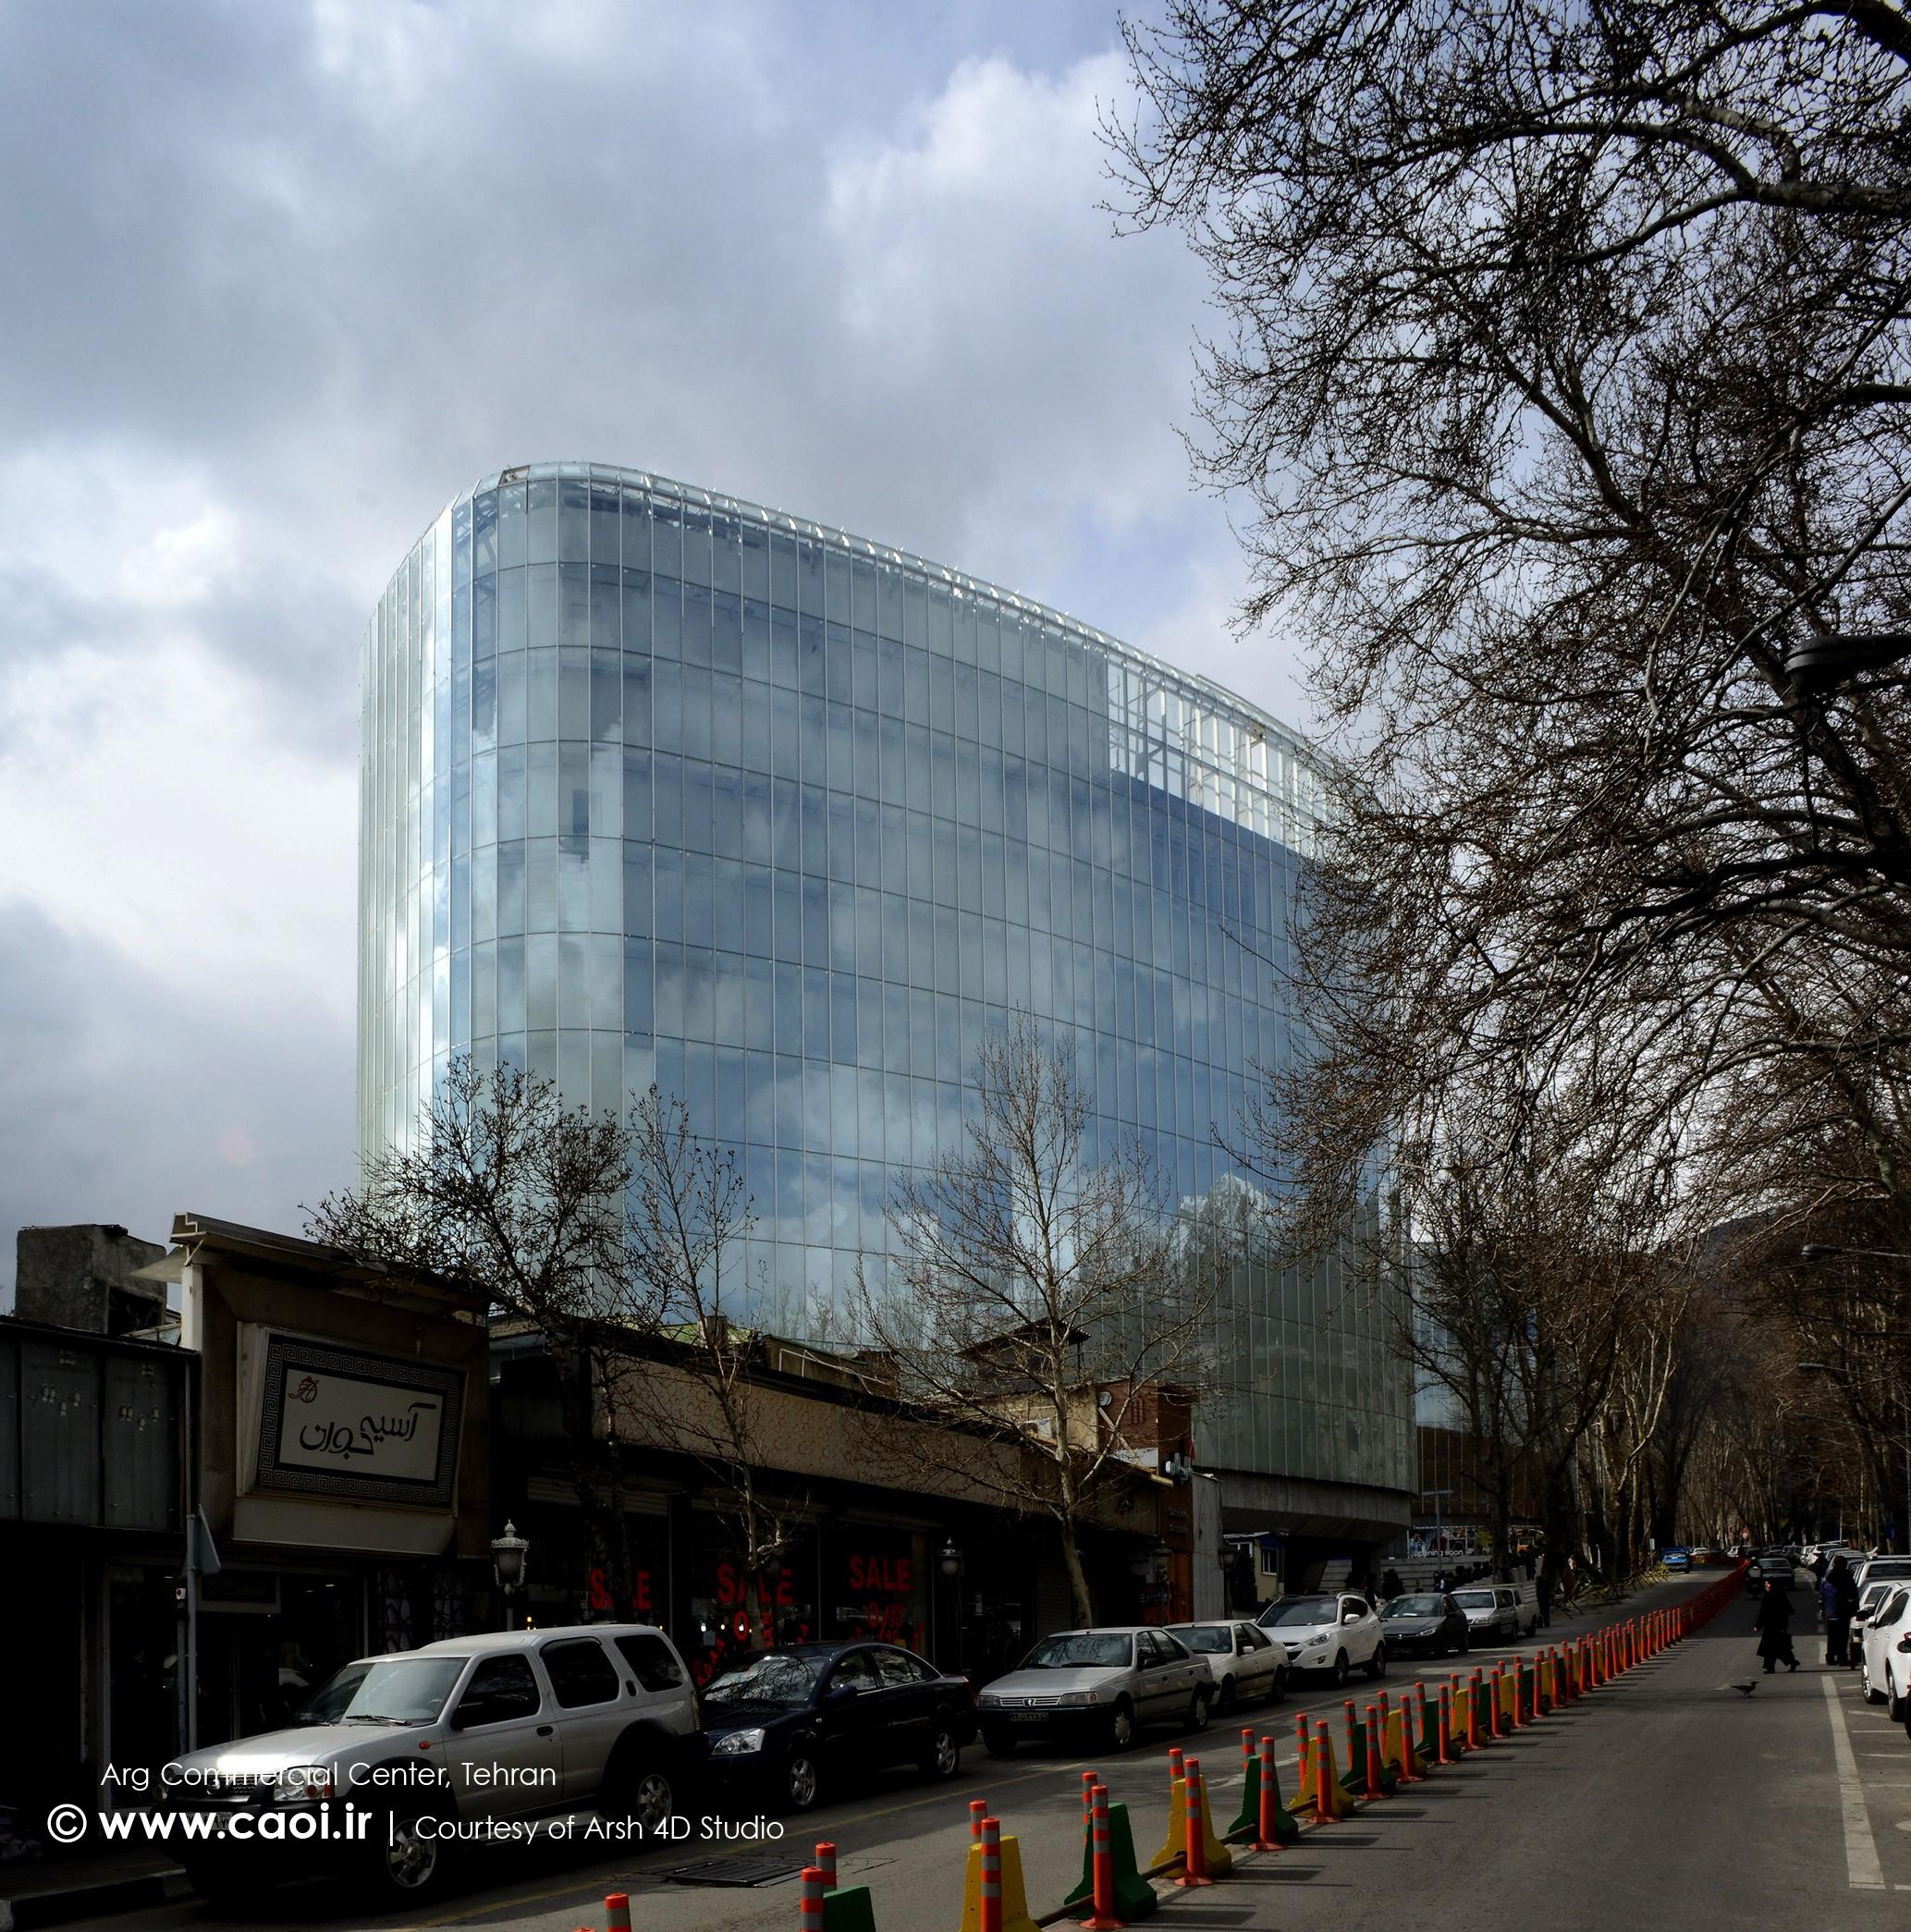 مجتمع تجاری ارگ در تجریش تهران